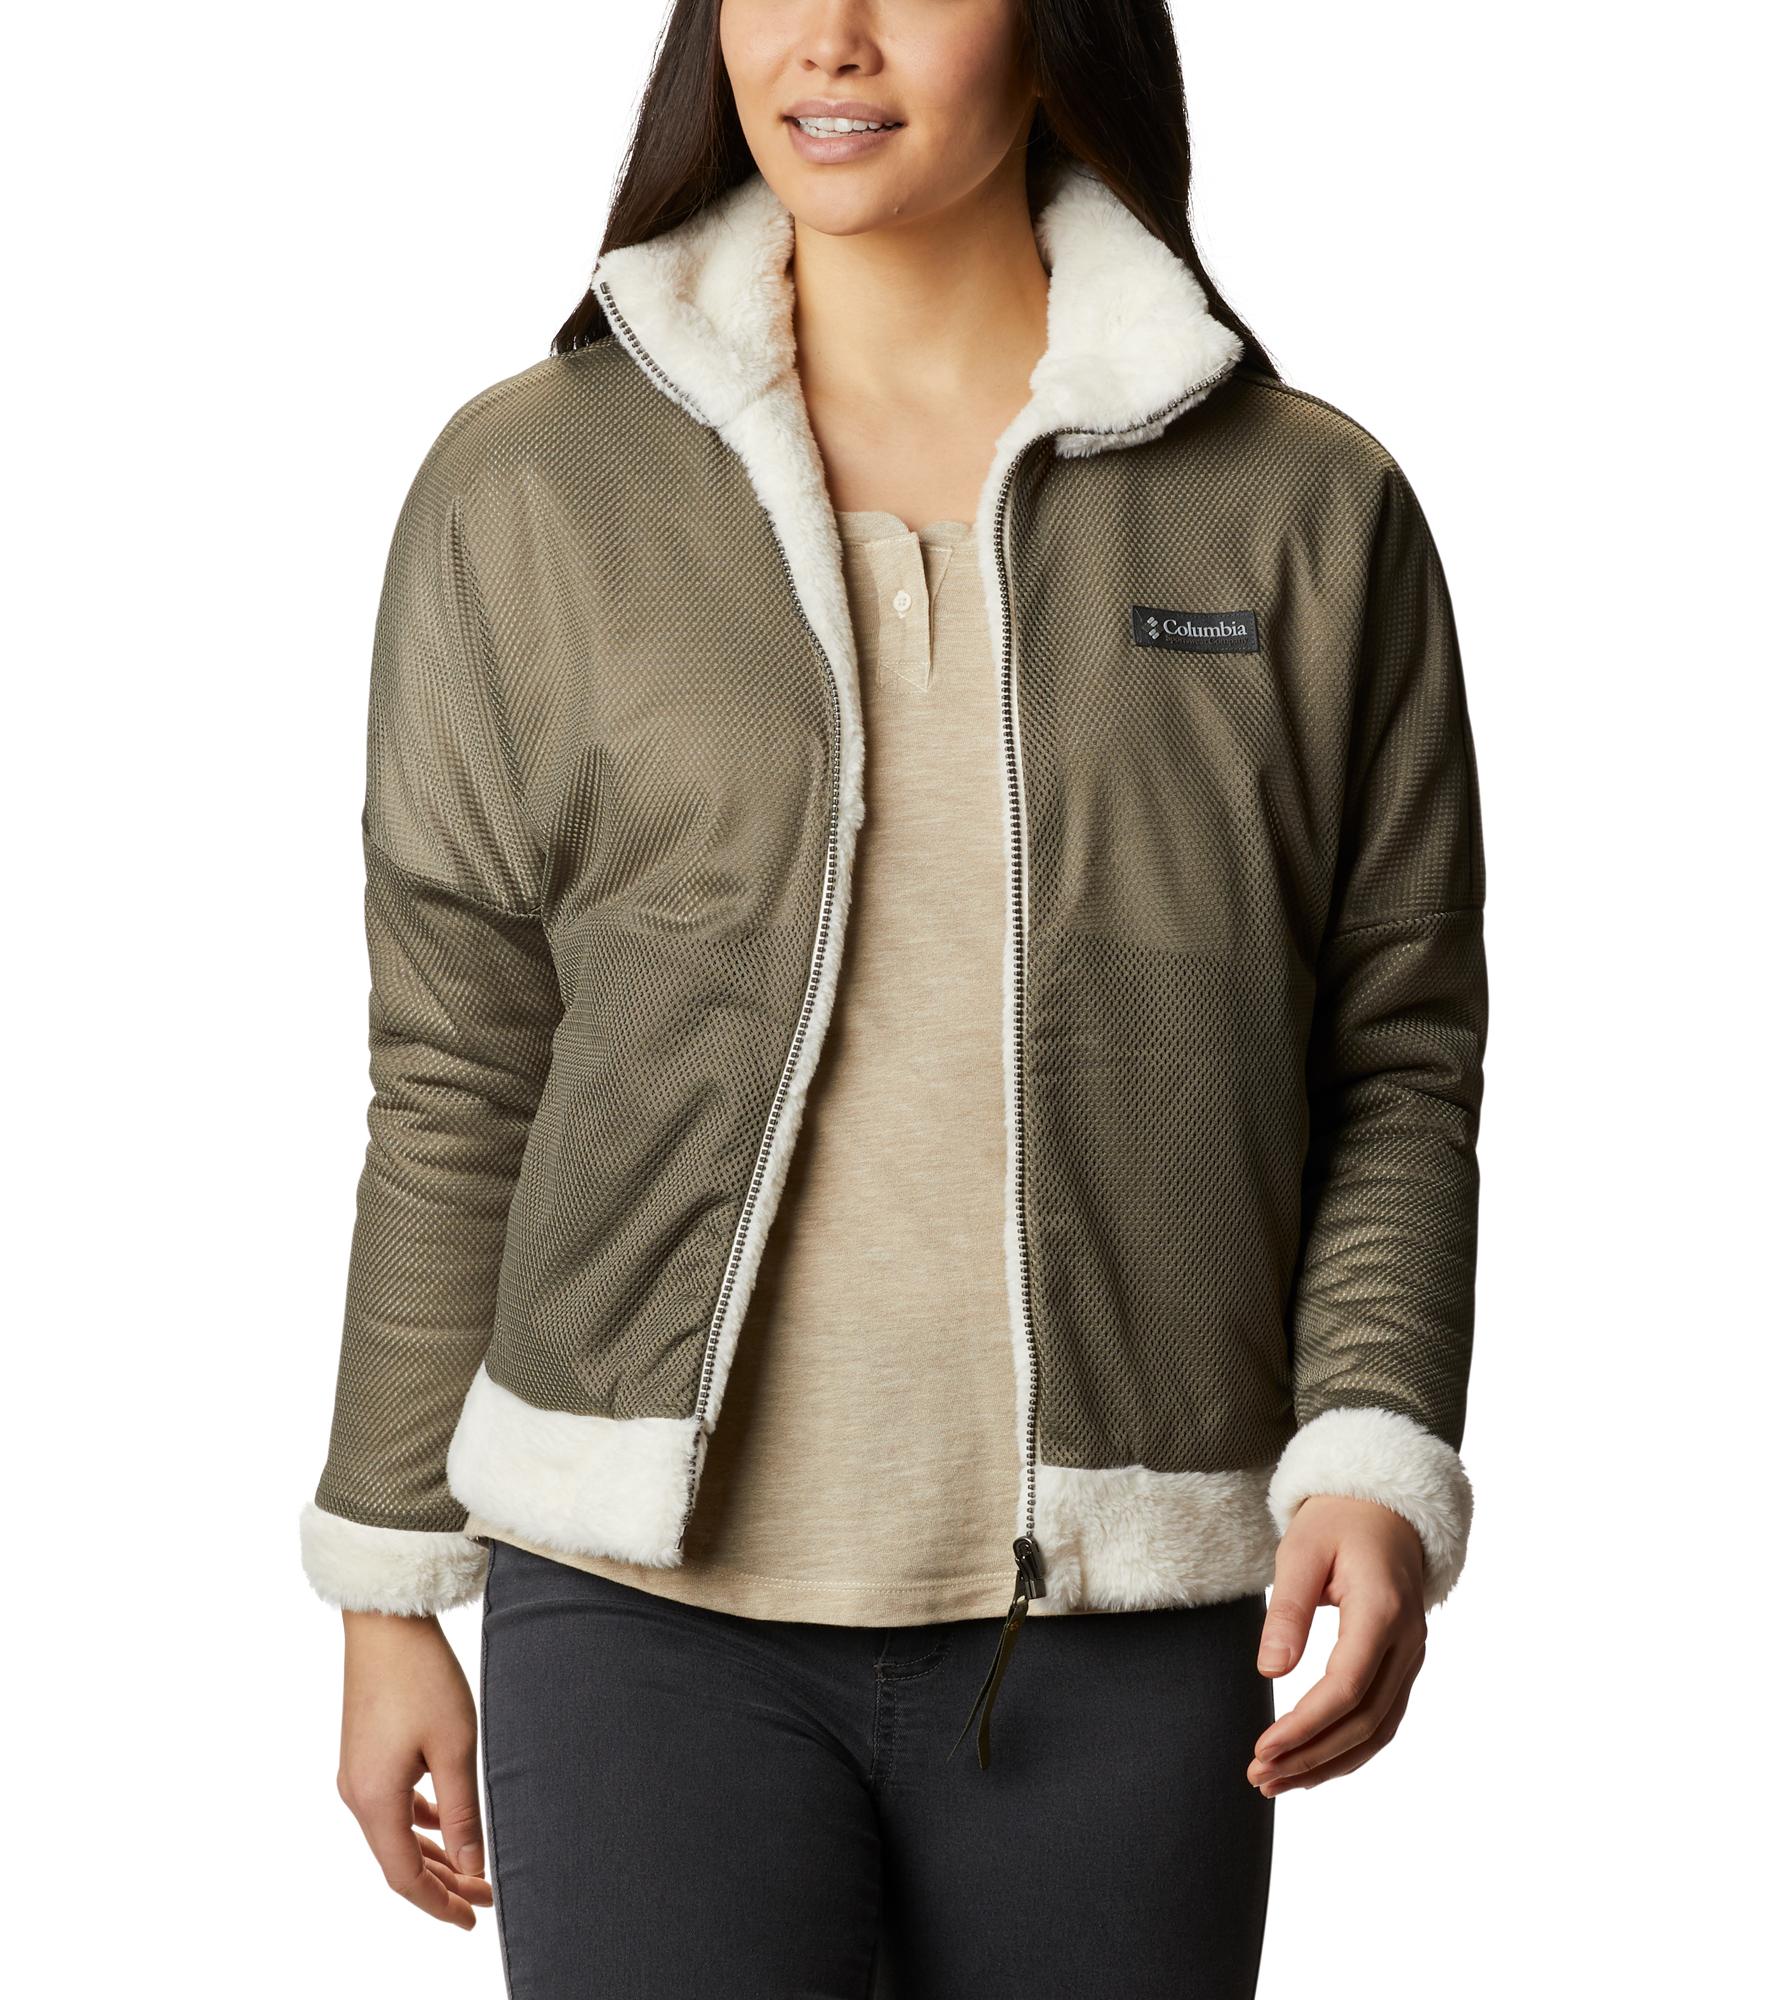 Фото - Columbia Джемпер флисовый женский Columbia Bundle Up™, размер 46 джемпер женский zarina цвет белый 8224547442001 размер m 46